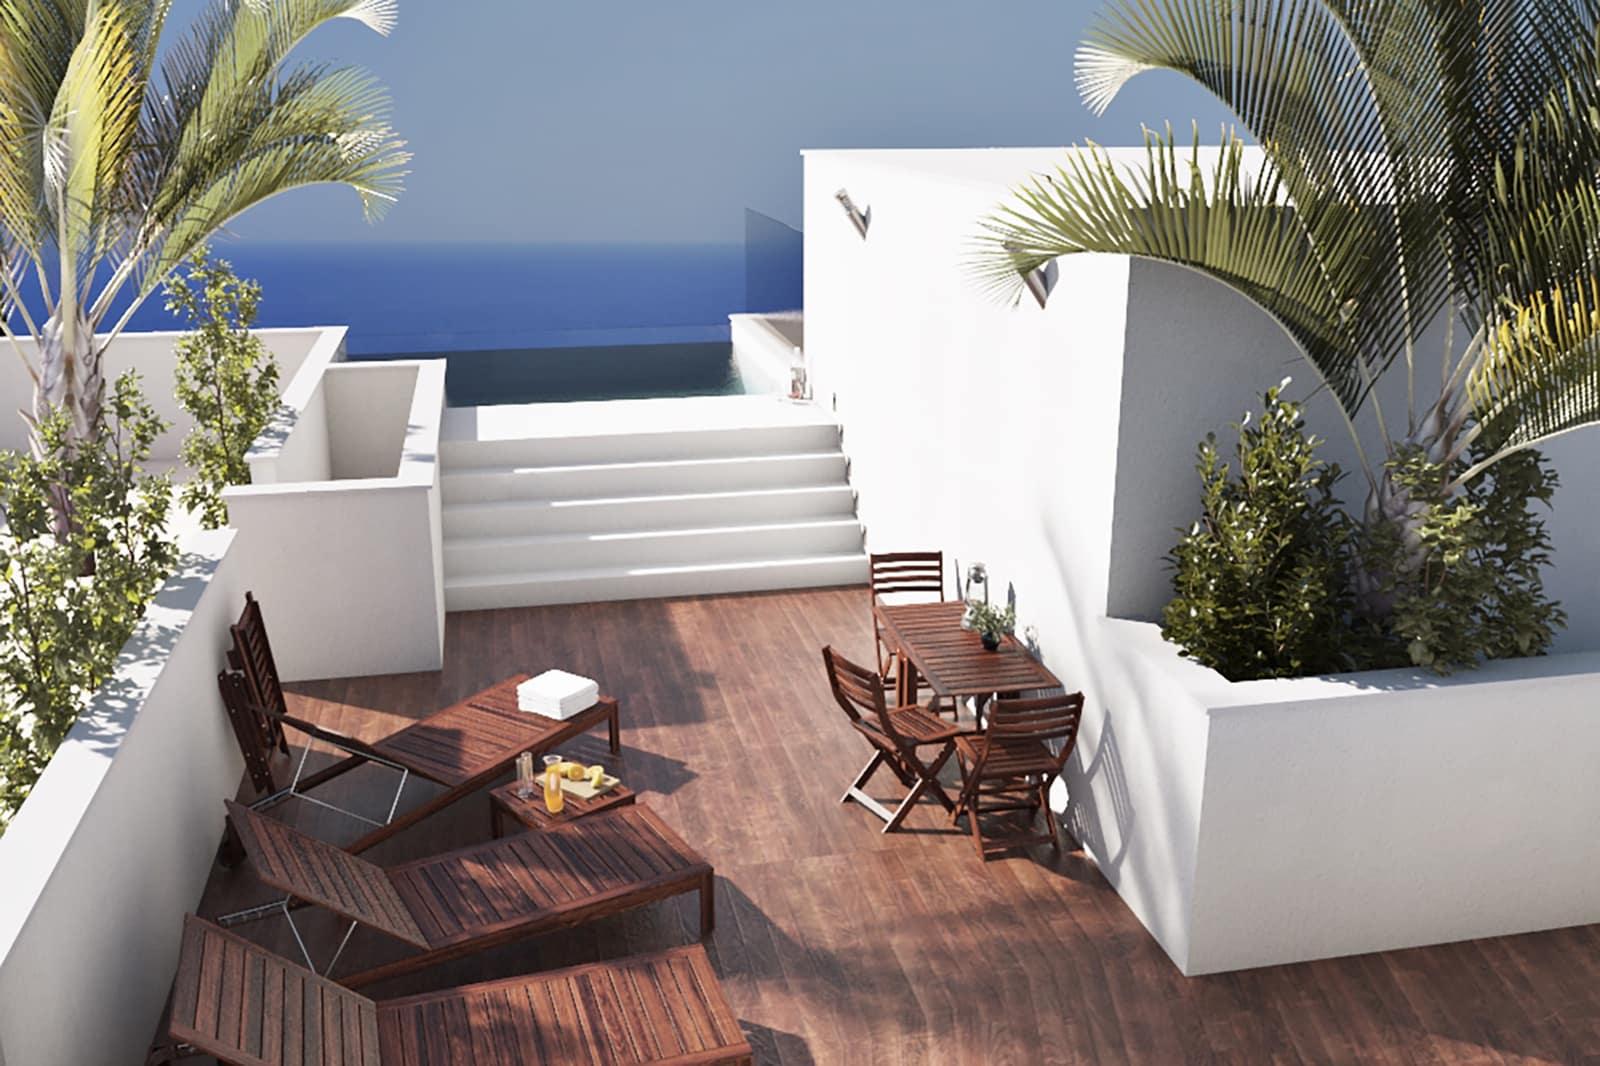 Casa de 3 habitaciones en Pilar de la Horadada en venta con piscina - 280.000 € (Ref: 4841405)